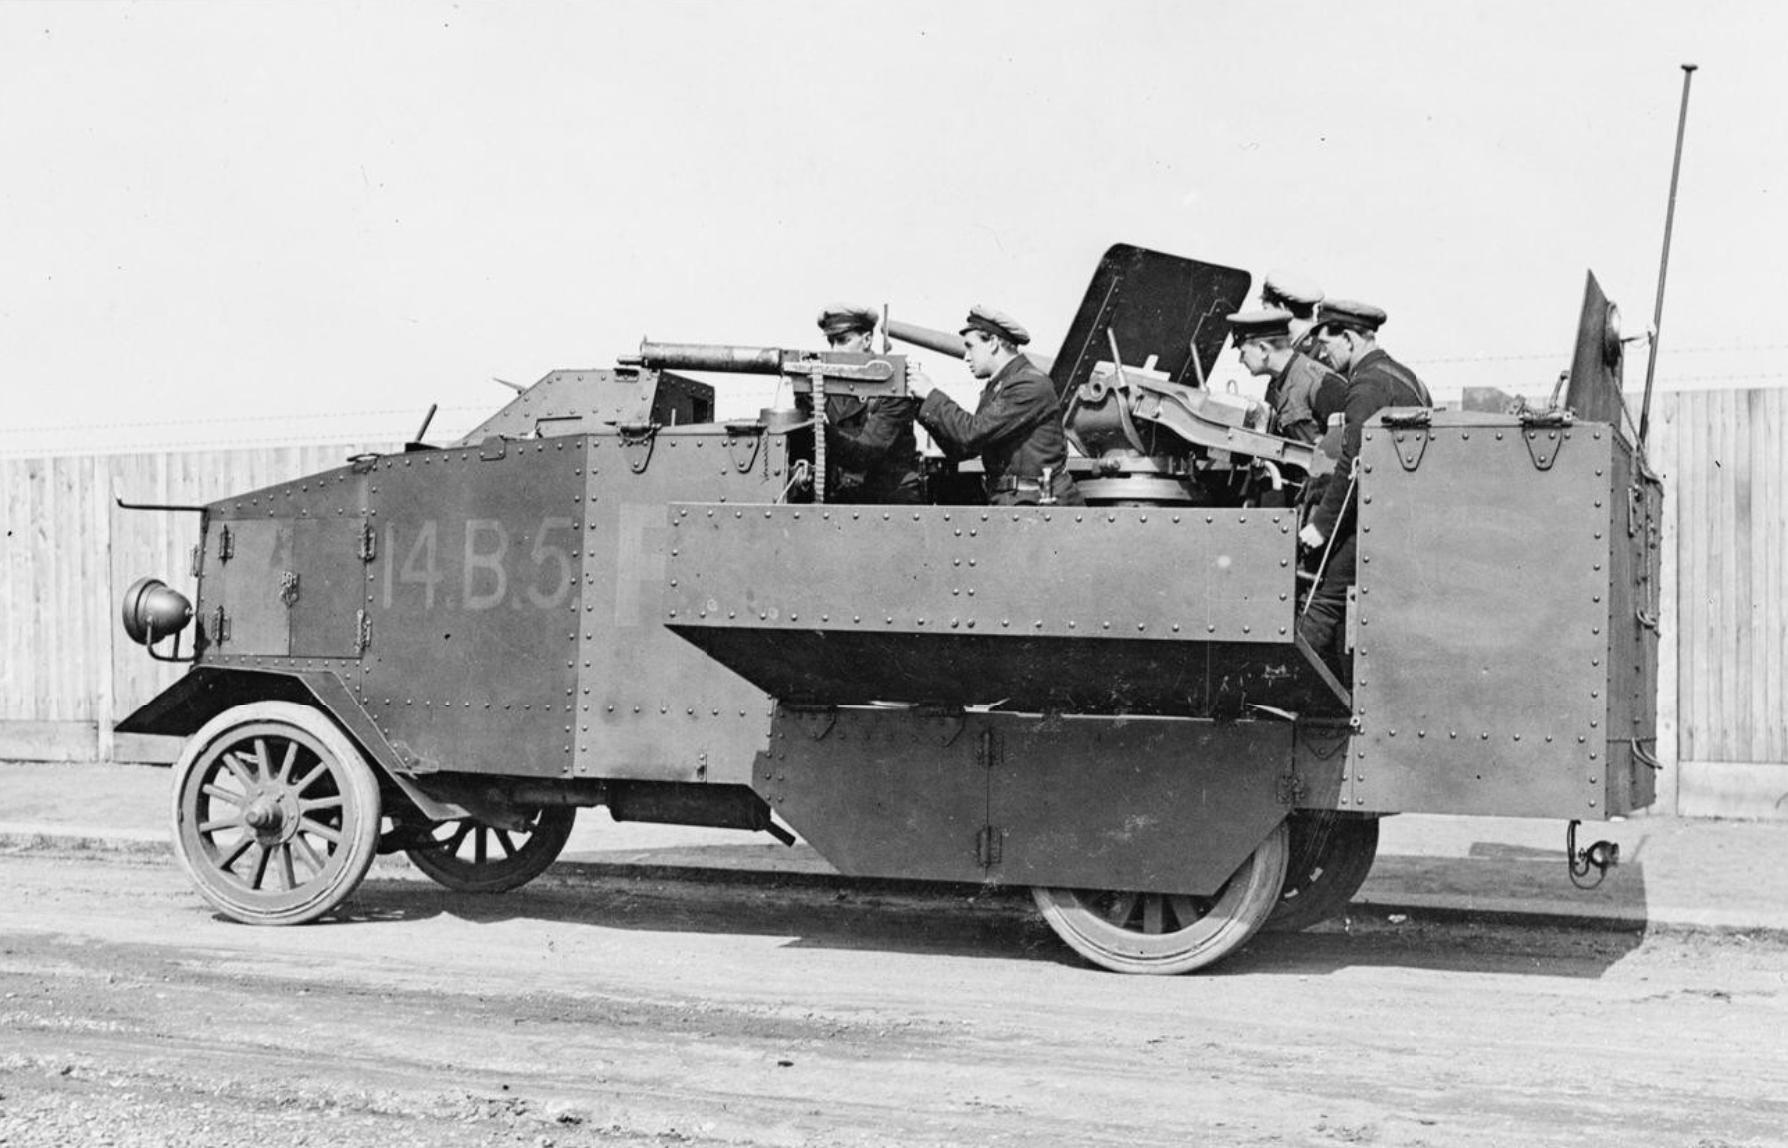 Le camion blinde Seabrook de 1914 (maquette Azimut en résine 1/35) Seabrook_armoured_lorry